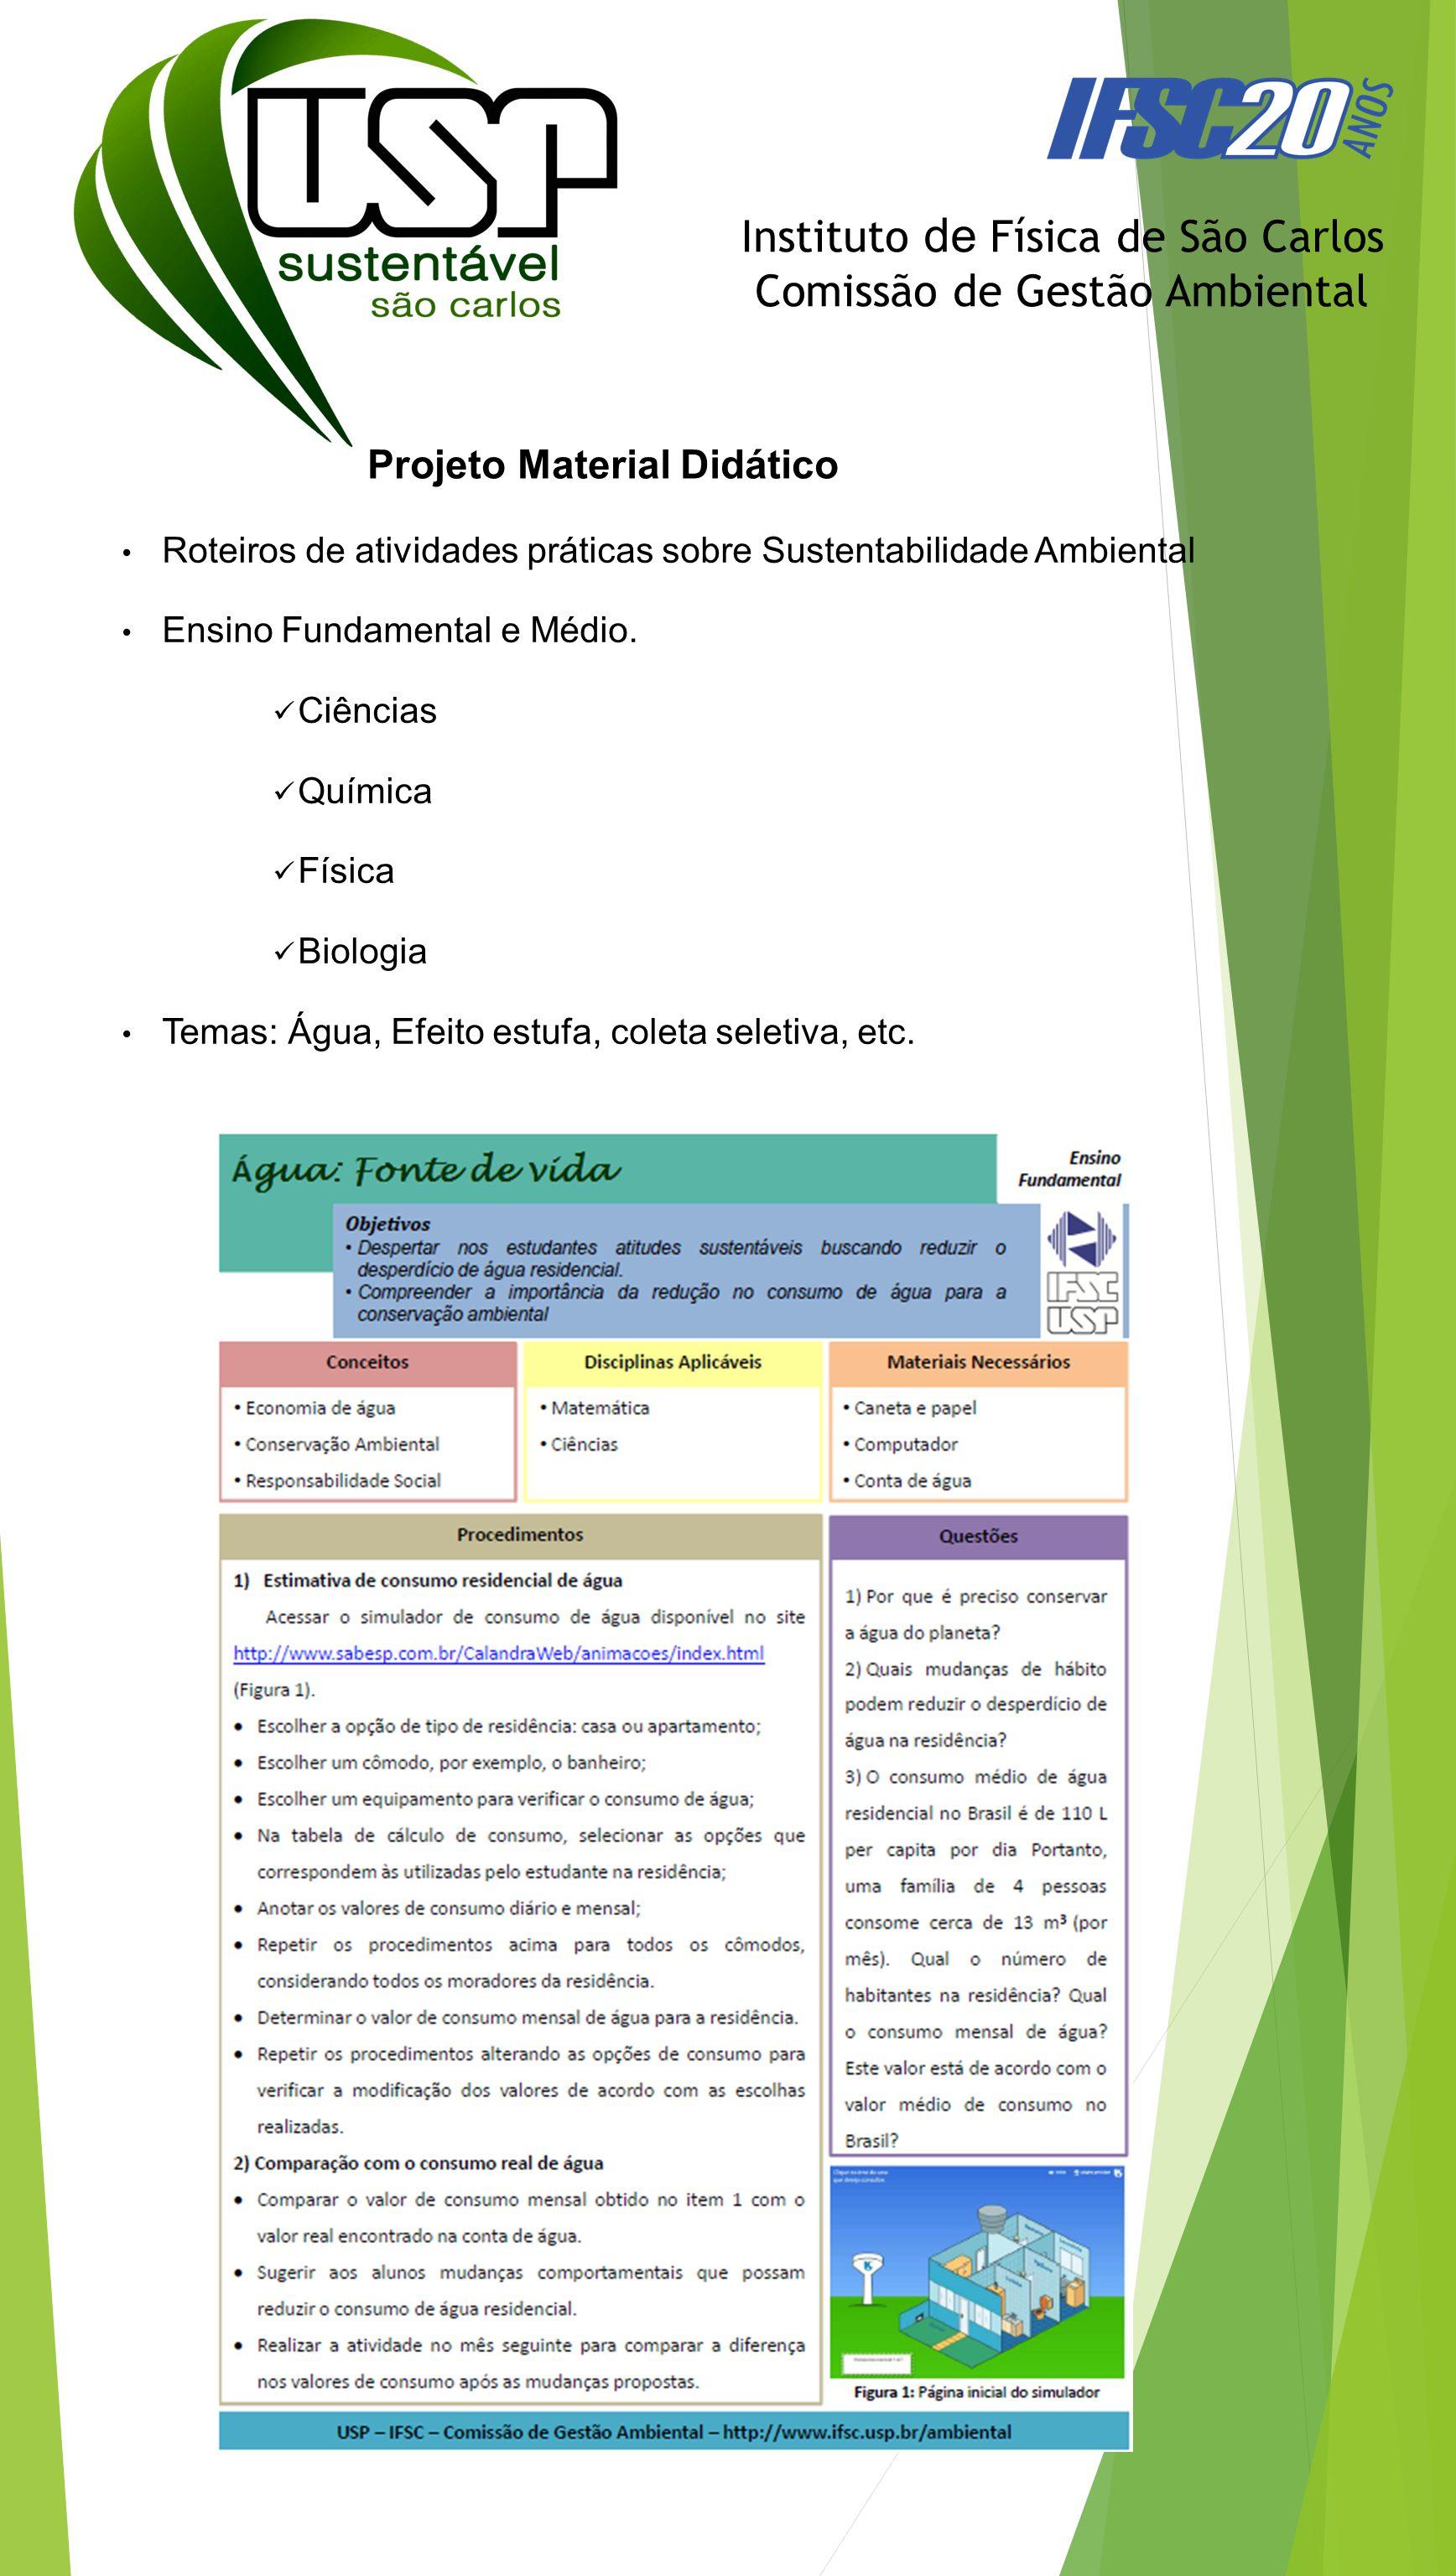 Projeto Material Didático Instituto de Física de São Carlos Comissão de Gestão Ambiental Roteiros de atividades práticas sobre Sustentabilidade Ambiental Ensino Fundamental e Médio.